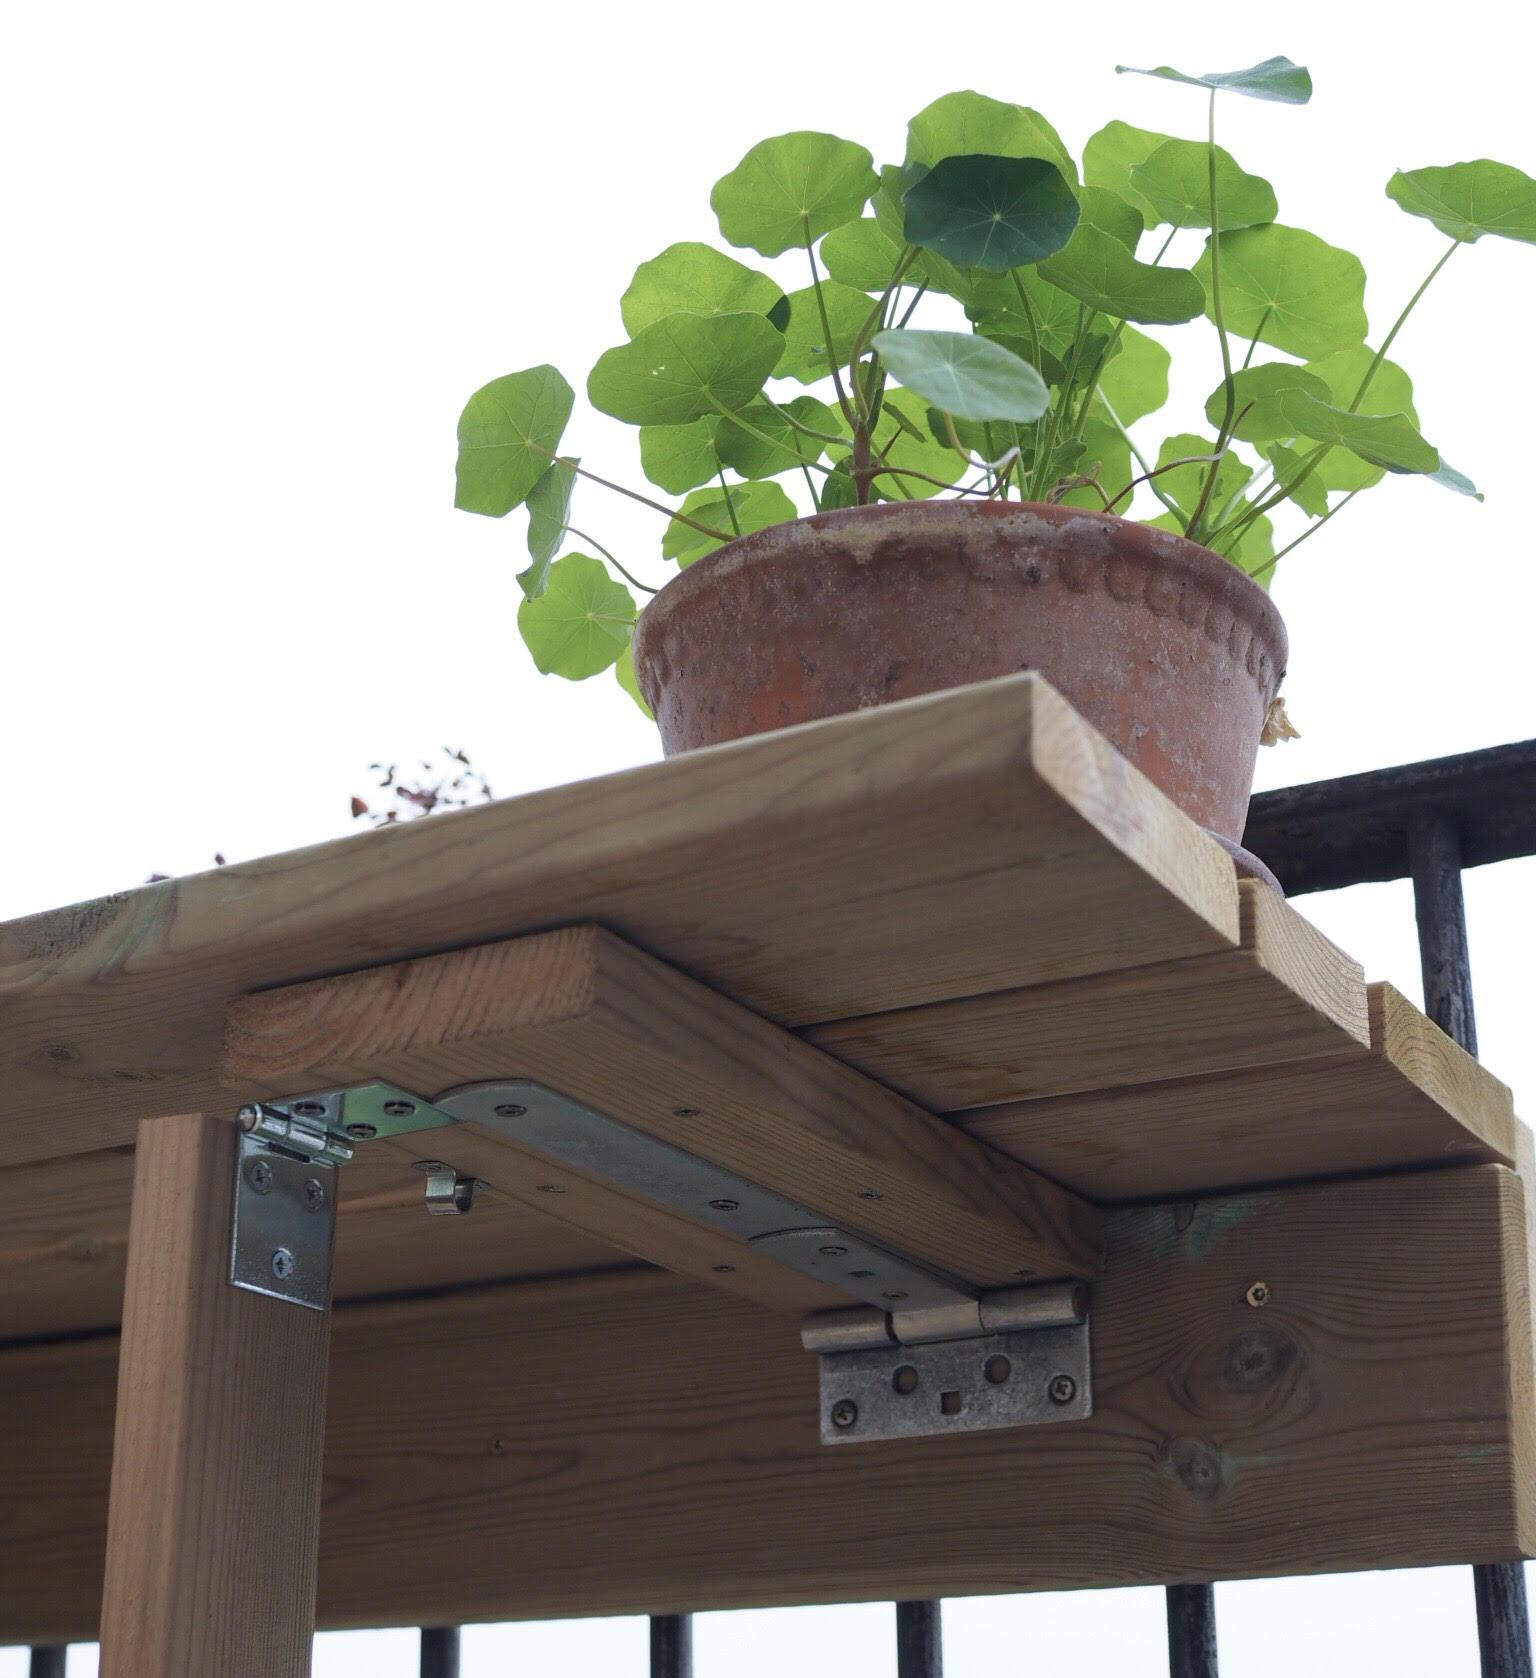 altanbord klap op-funktion til altanen. Med tallerkensmækkere som pynt til maden